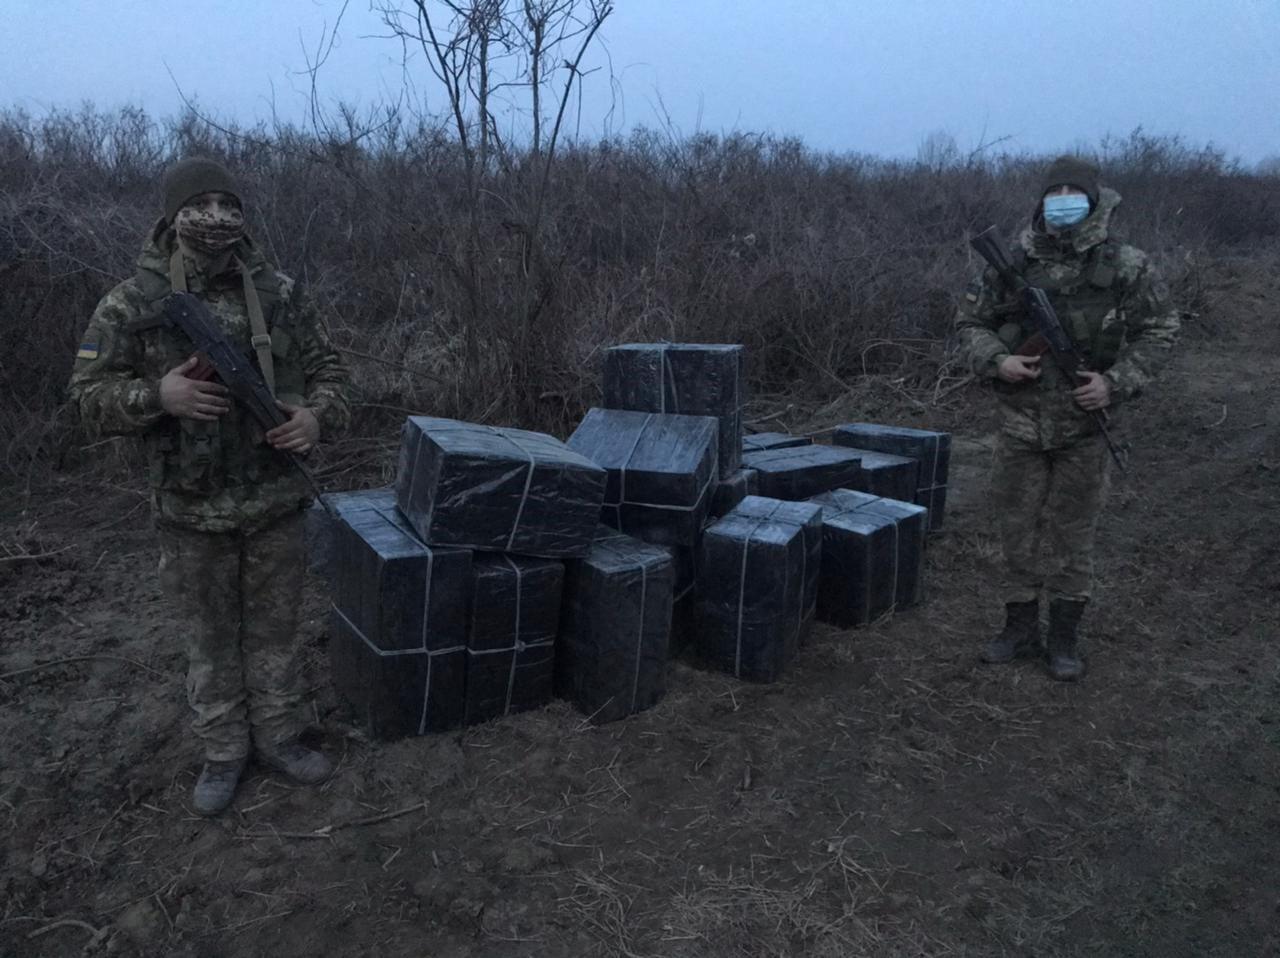 Закарпатські прикордонники виявили 32 ящики цигарок та затримали шістьох контрабандистів